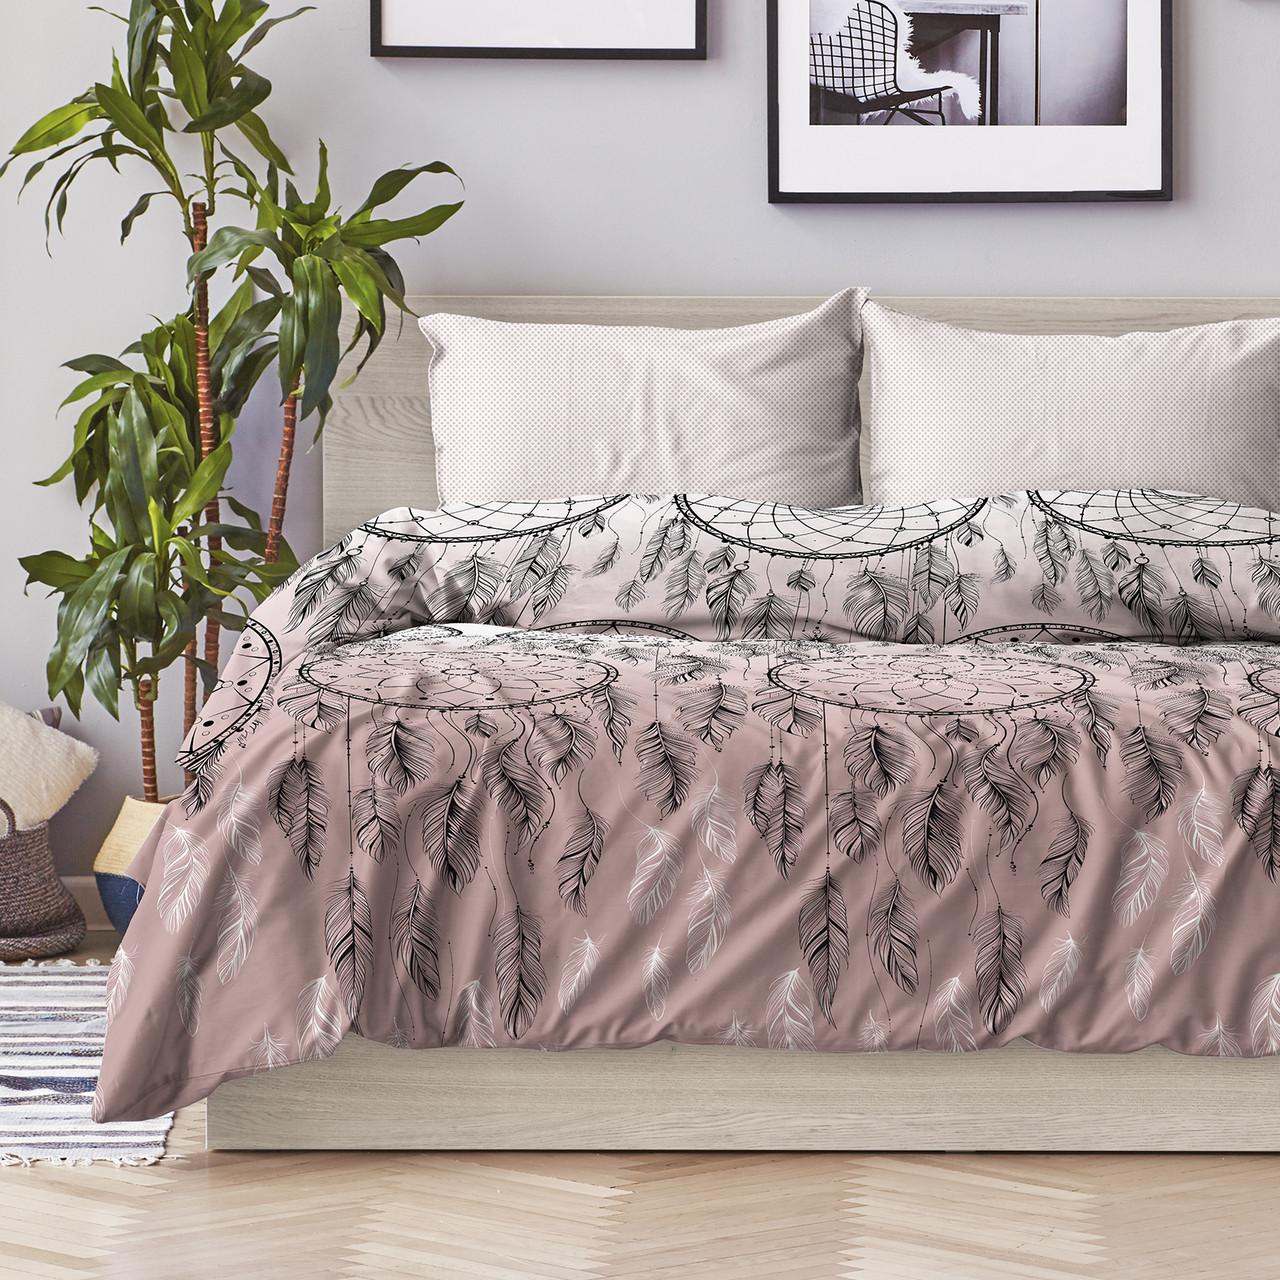 Patrizia КПБ Dream hunter, поплин, 2 спальный евро (наволочки 70х70), Patrizia